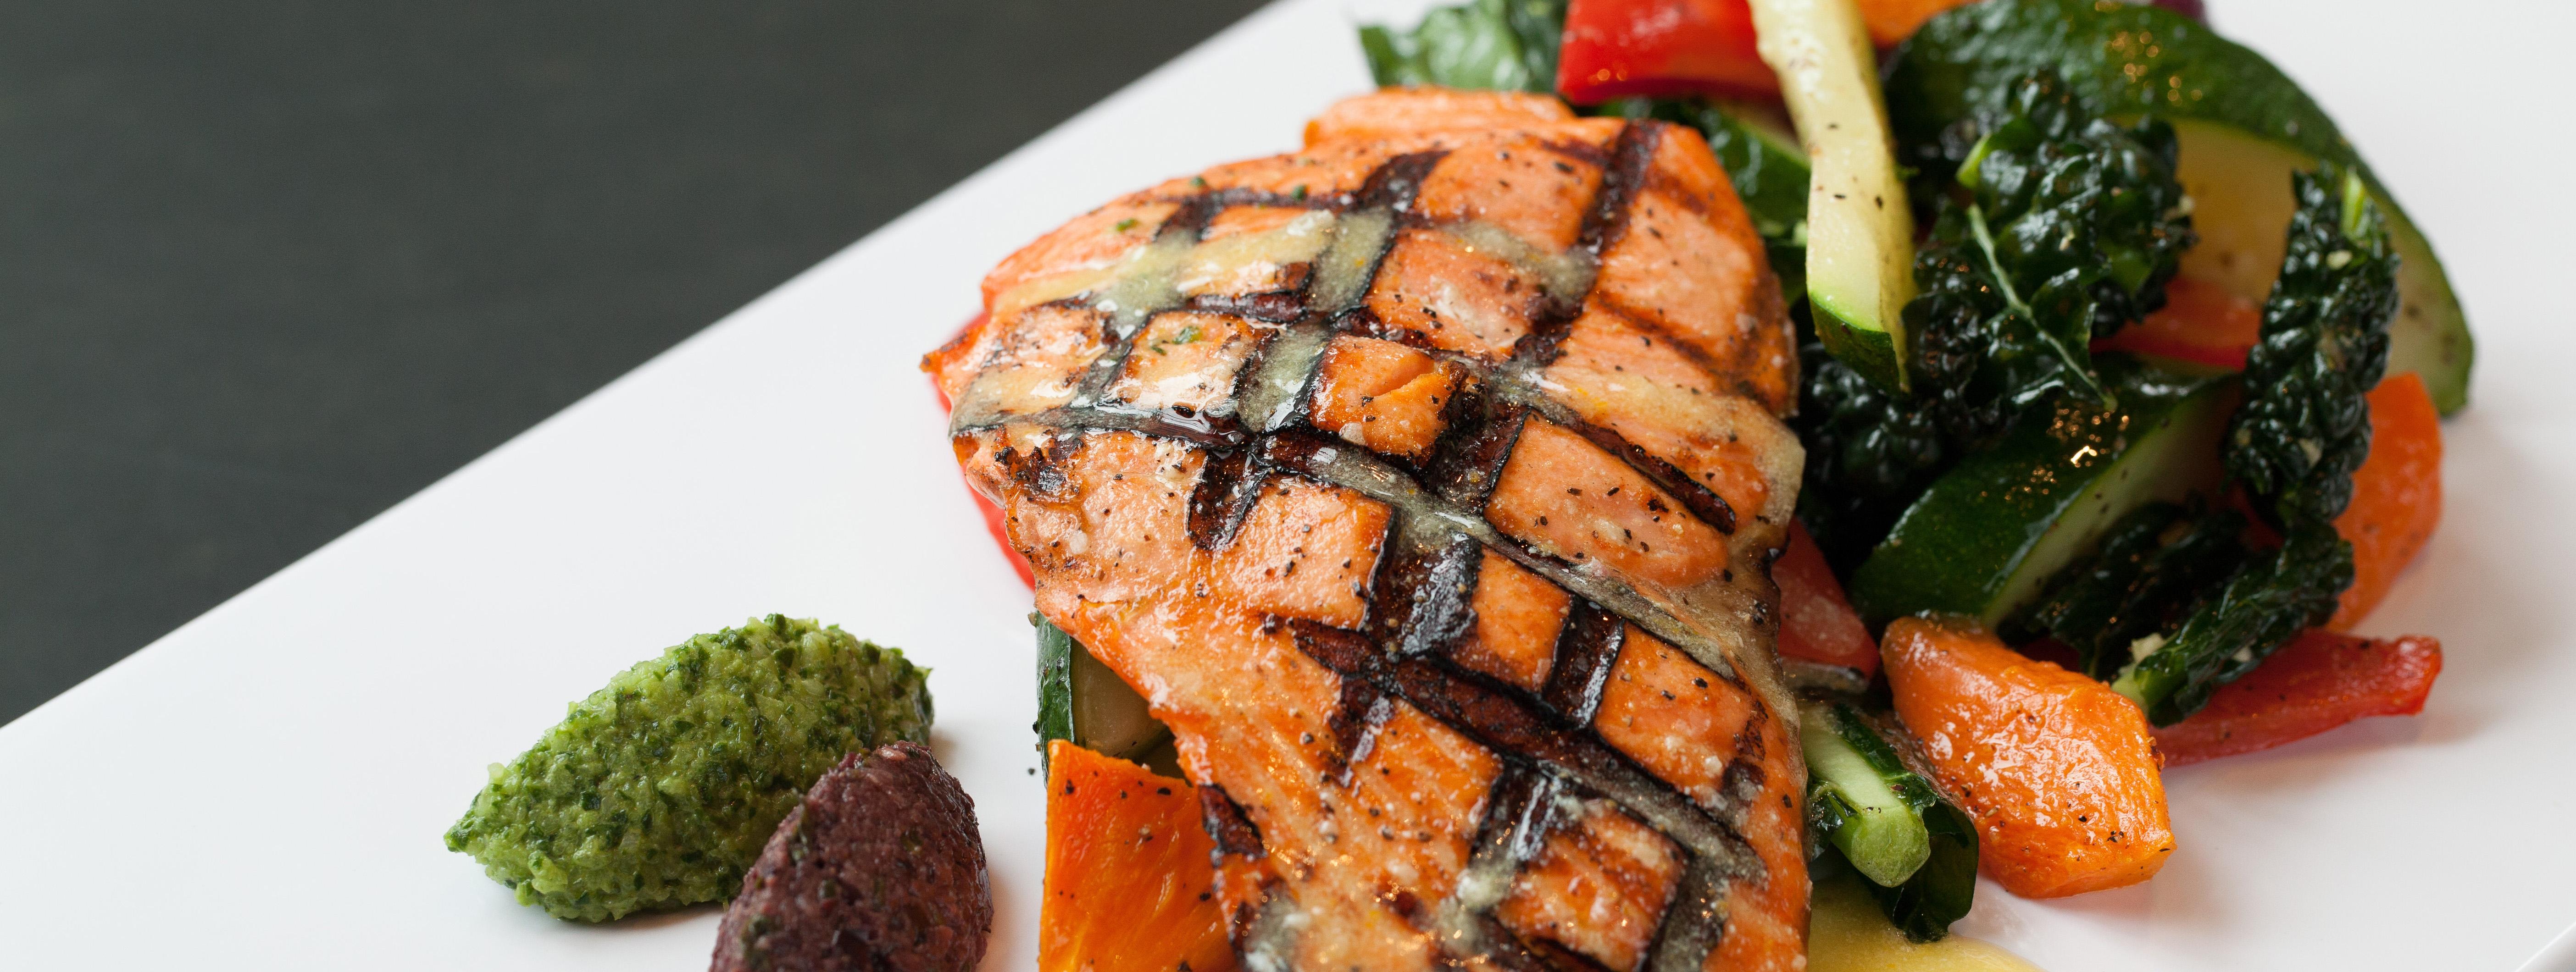 FareStart Catering | Menus